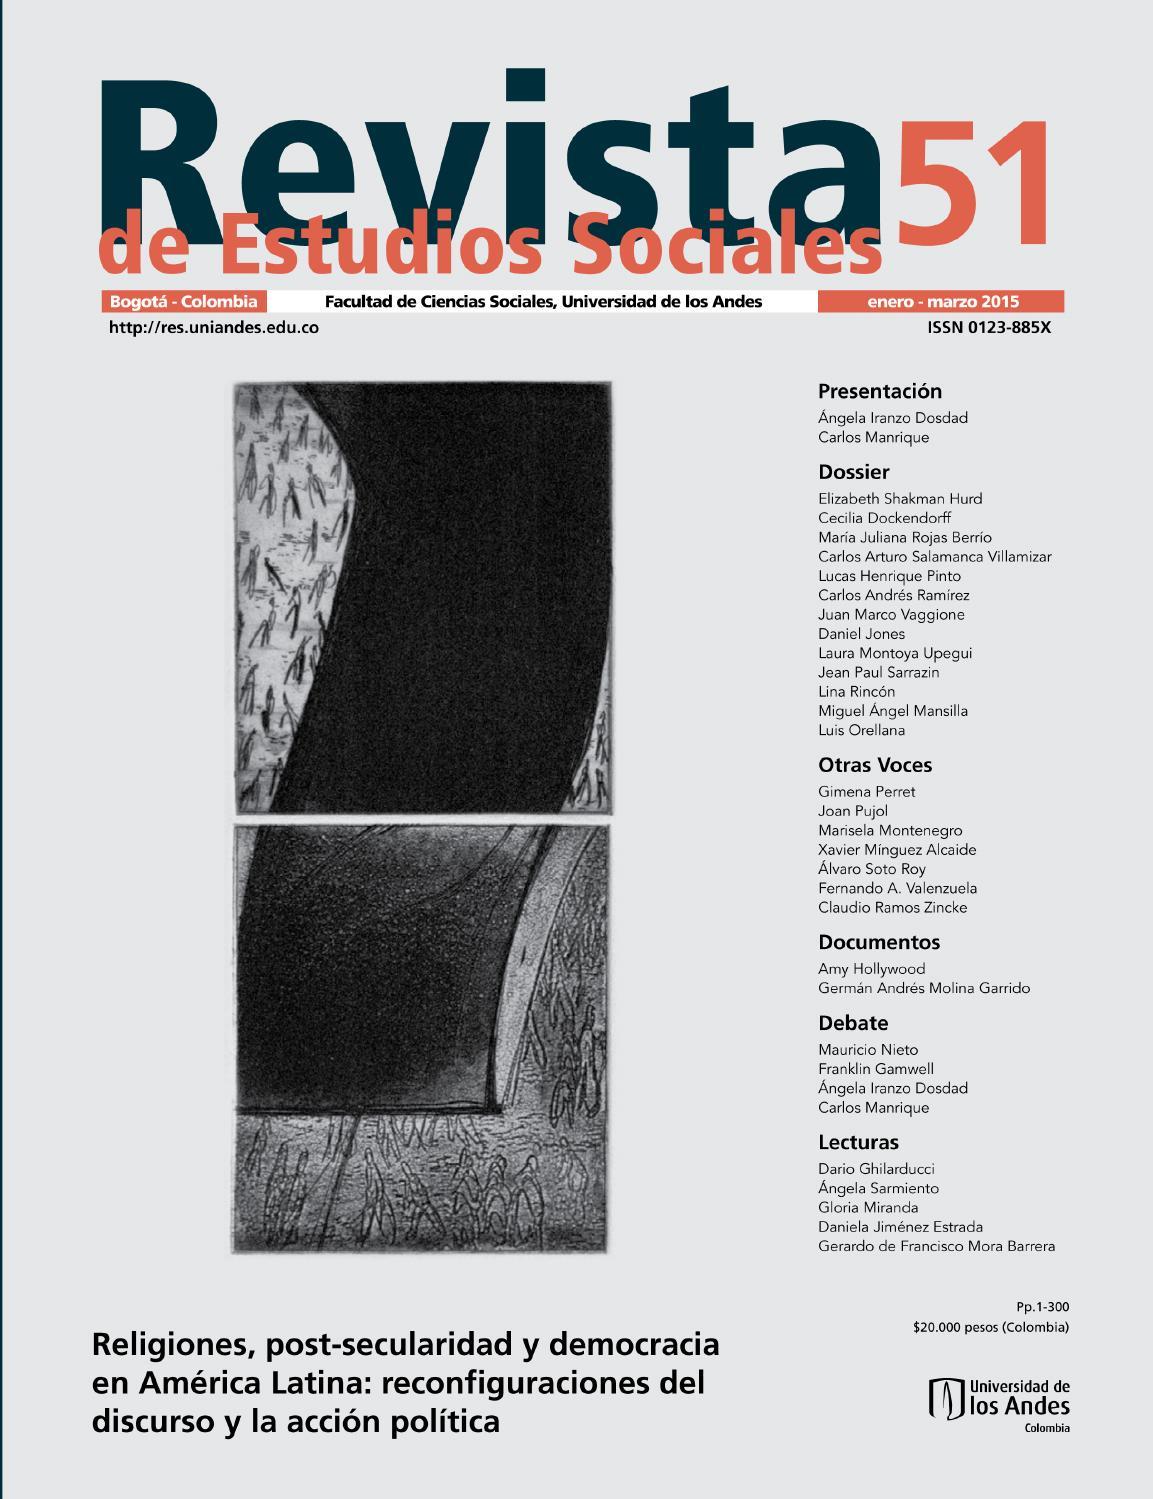 Revista Estudios Sociales No 51 By Universidad De Los Andes Issuu